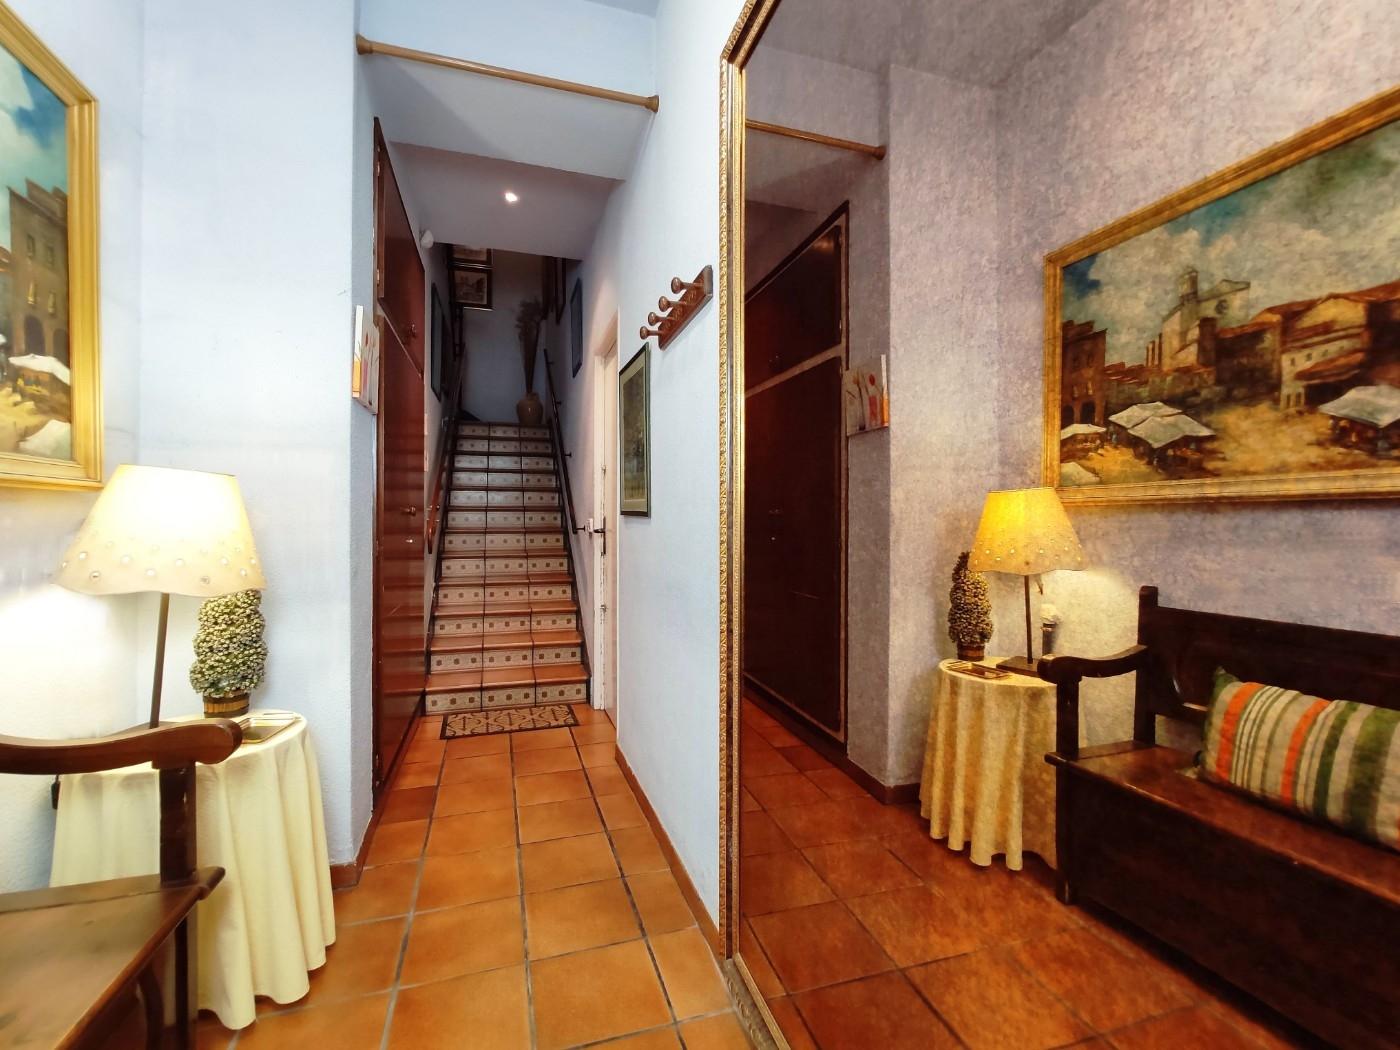 Piso en Girona. Terraza.5 bedrooms. For sale: 170.000 €.